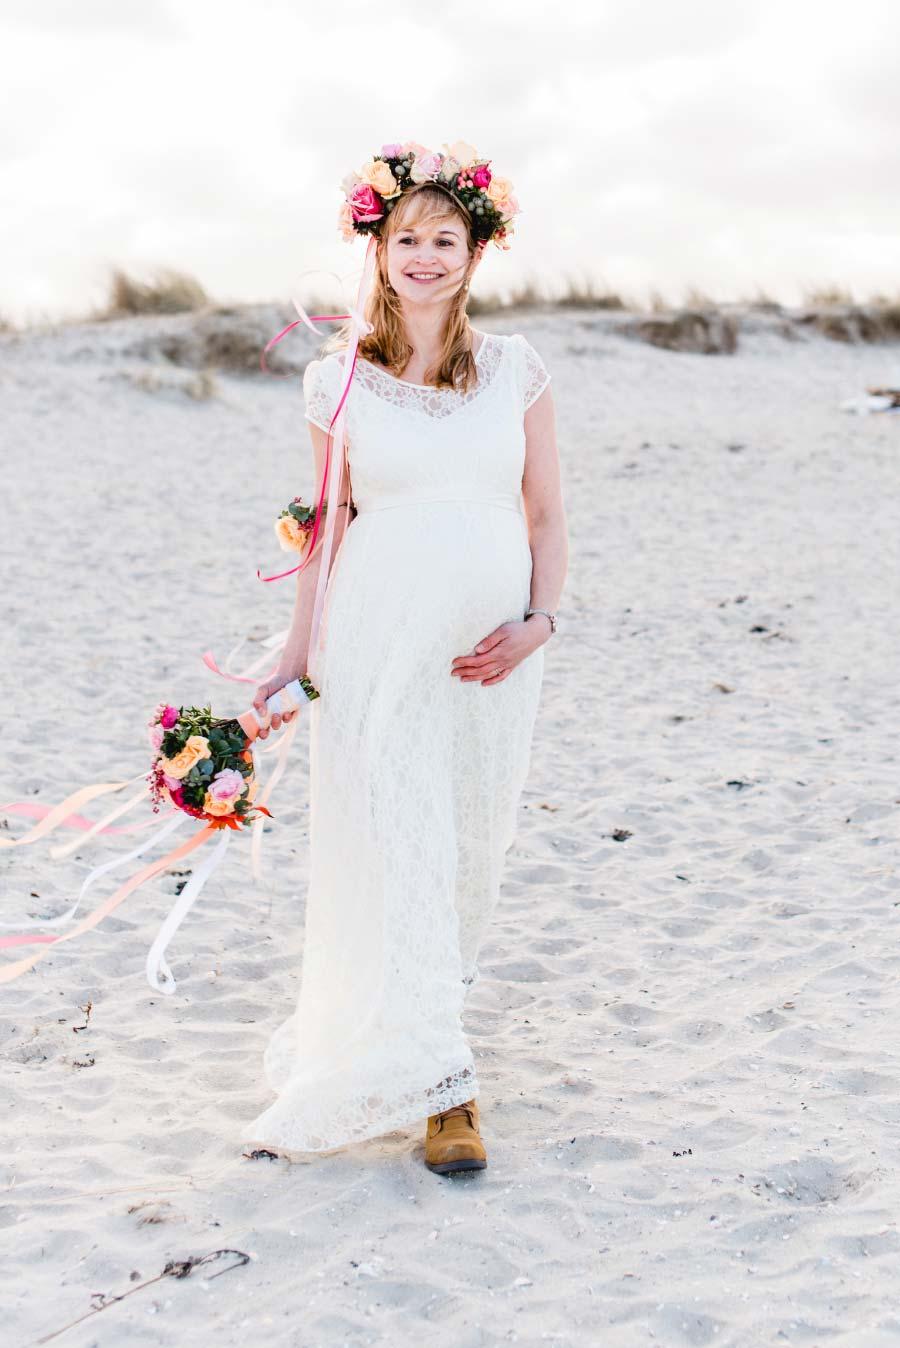 Babybauch-Hochzeit-Brautkleid-Nordsee-Sandra-Huetzen-35